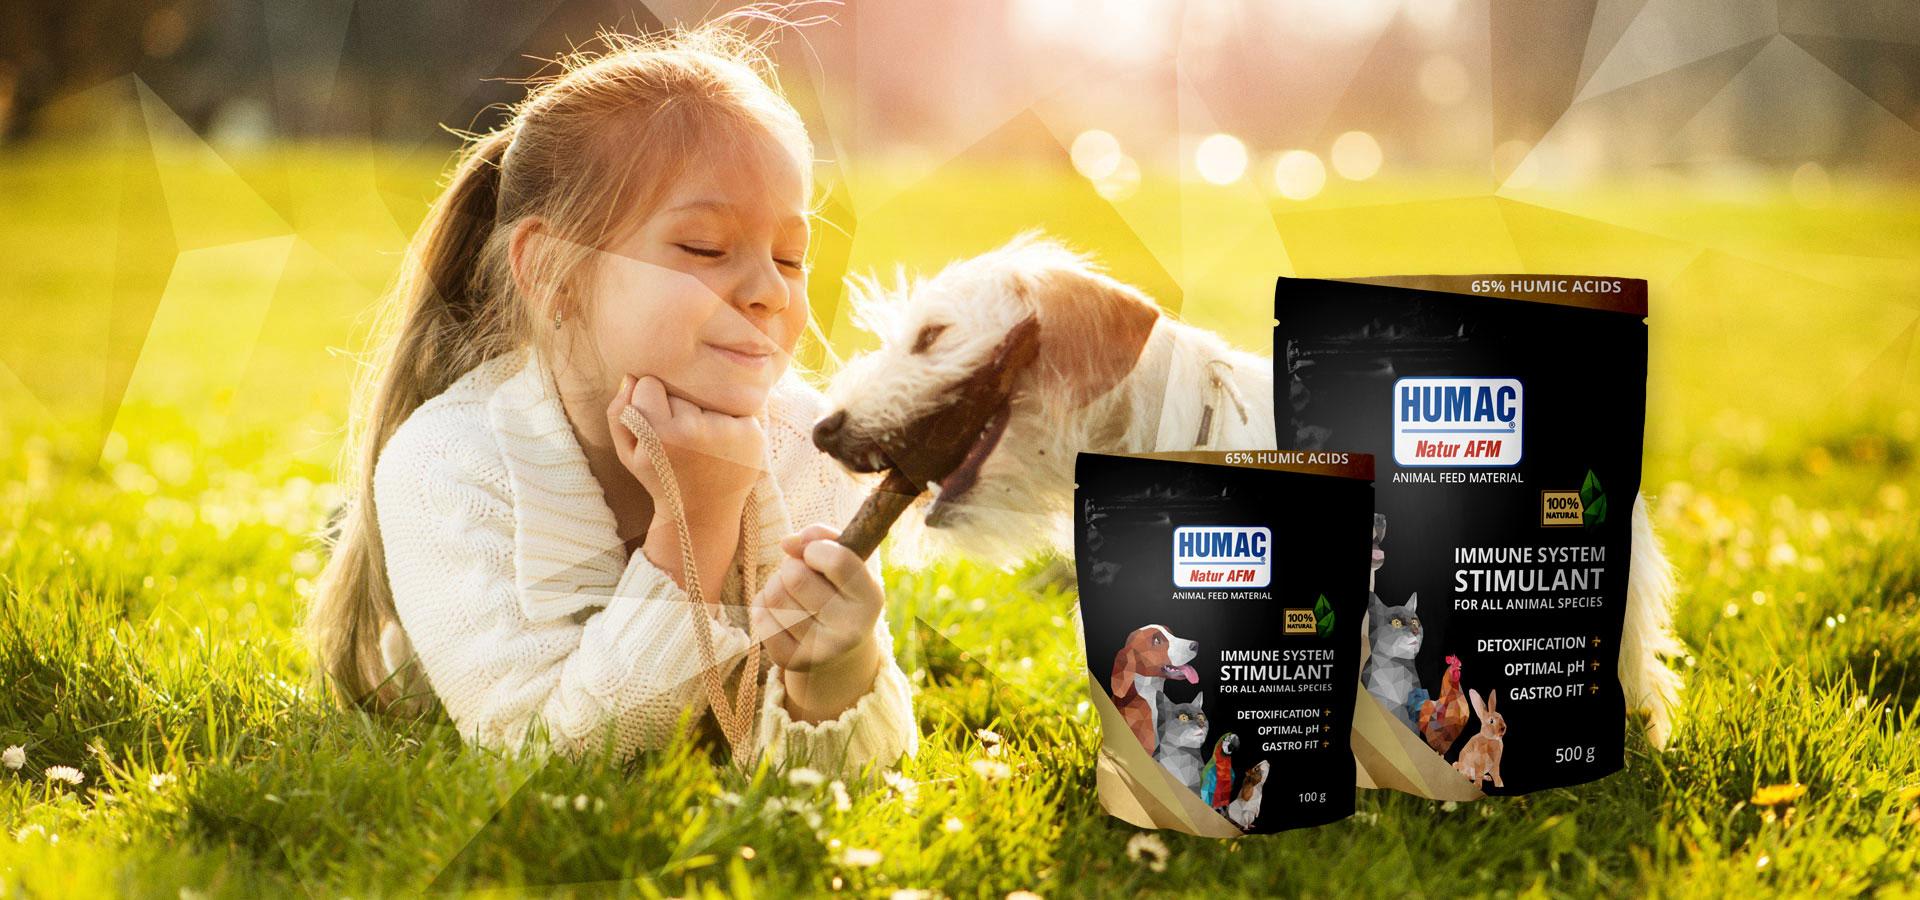 HUMAC Natur AFM táplálékkiegészítő